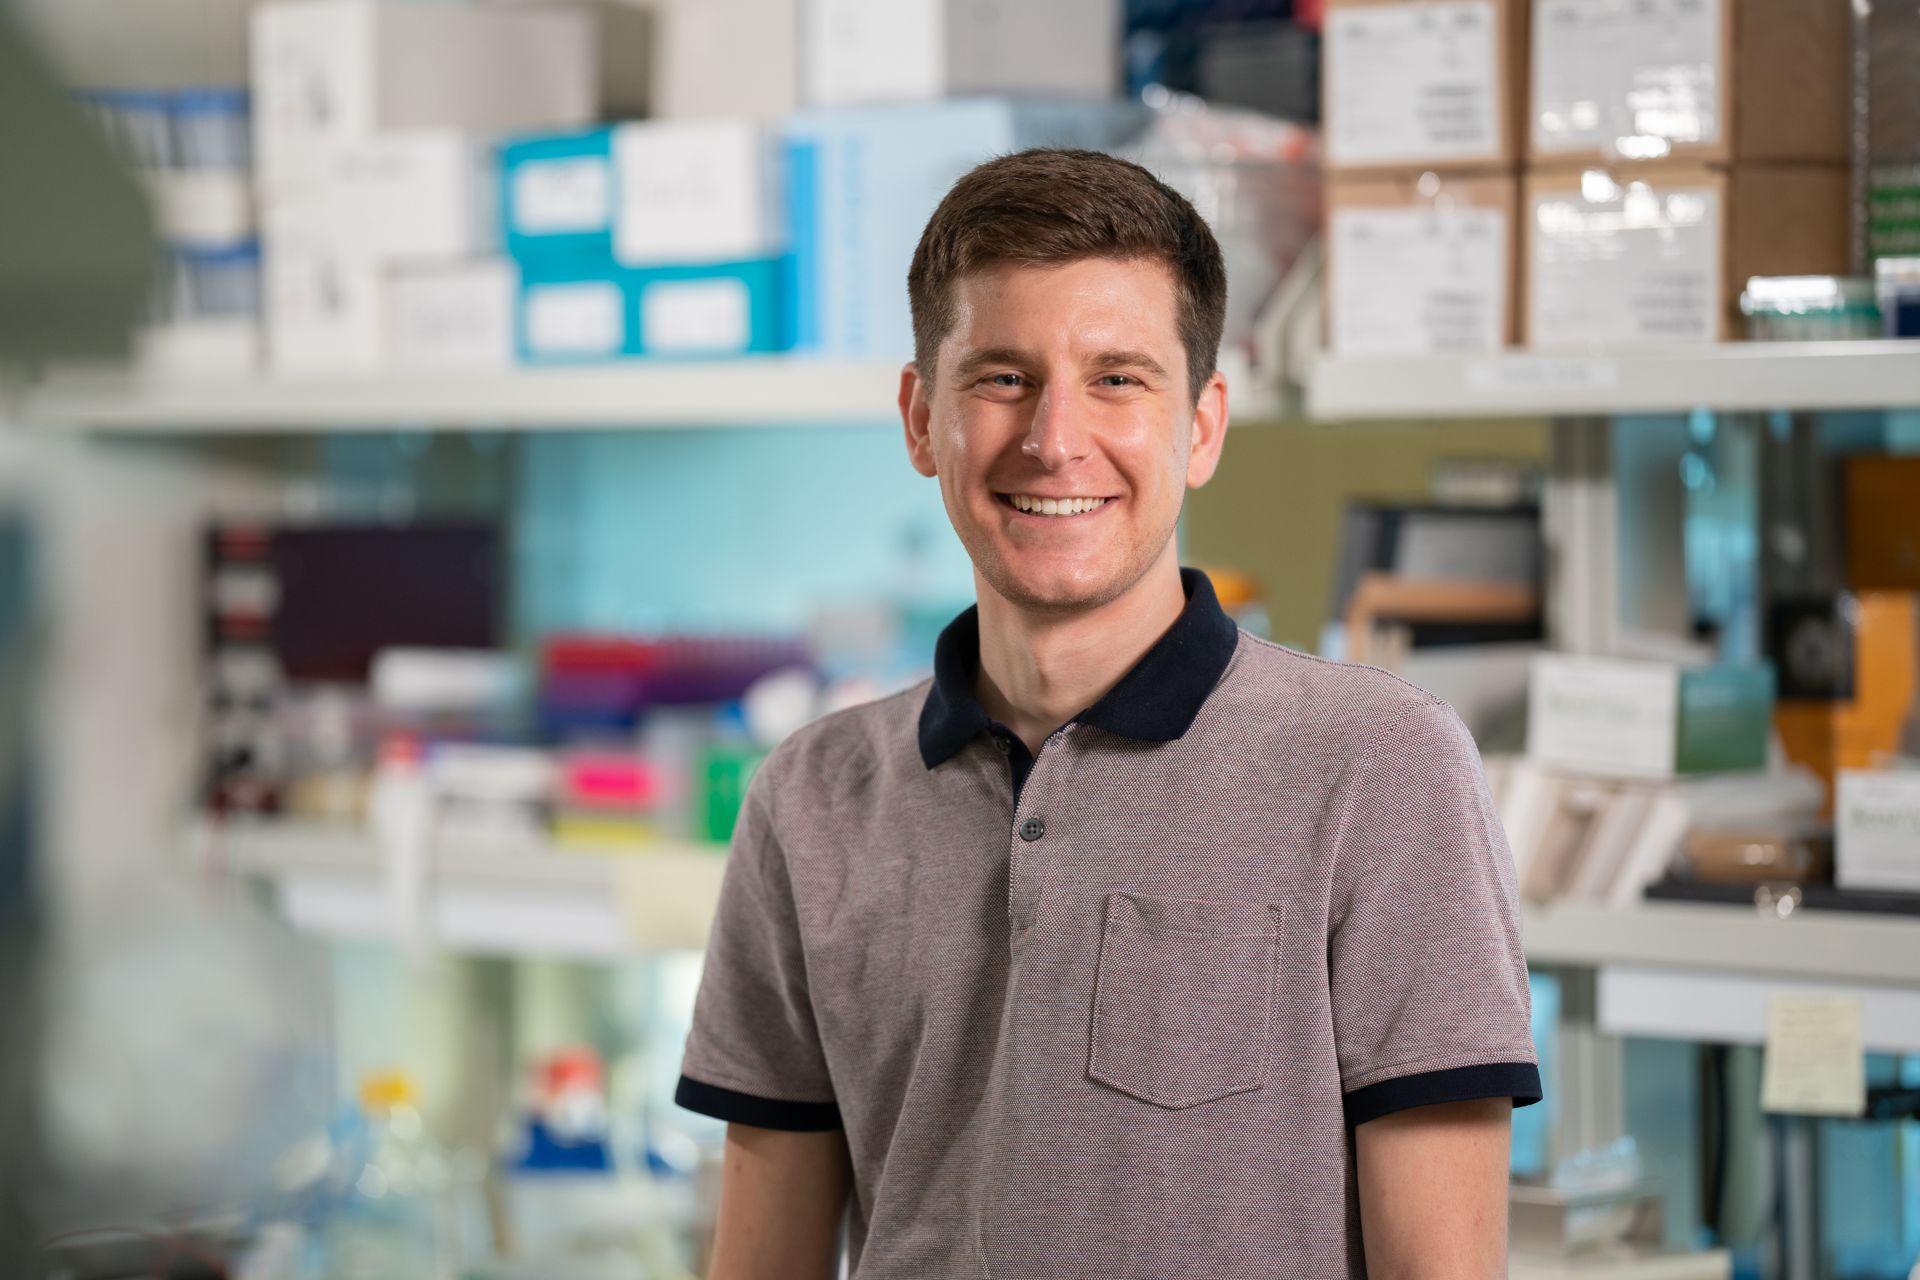 Robert Mettelman, PhD